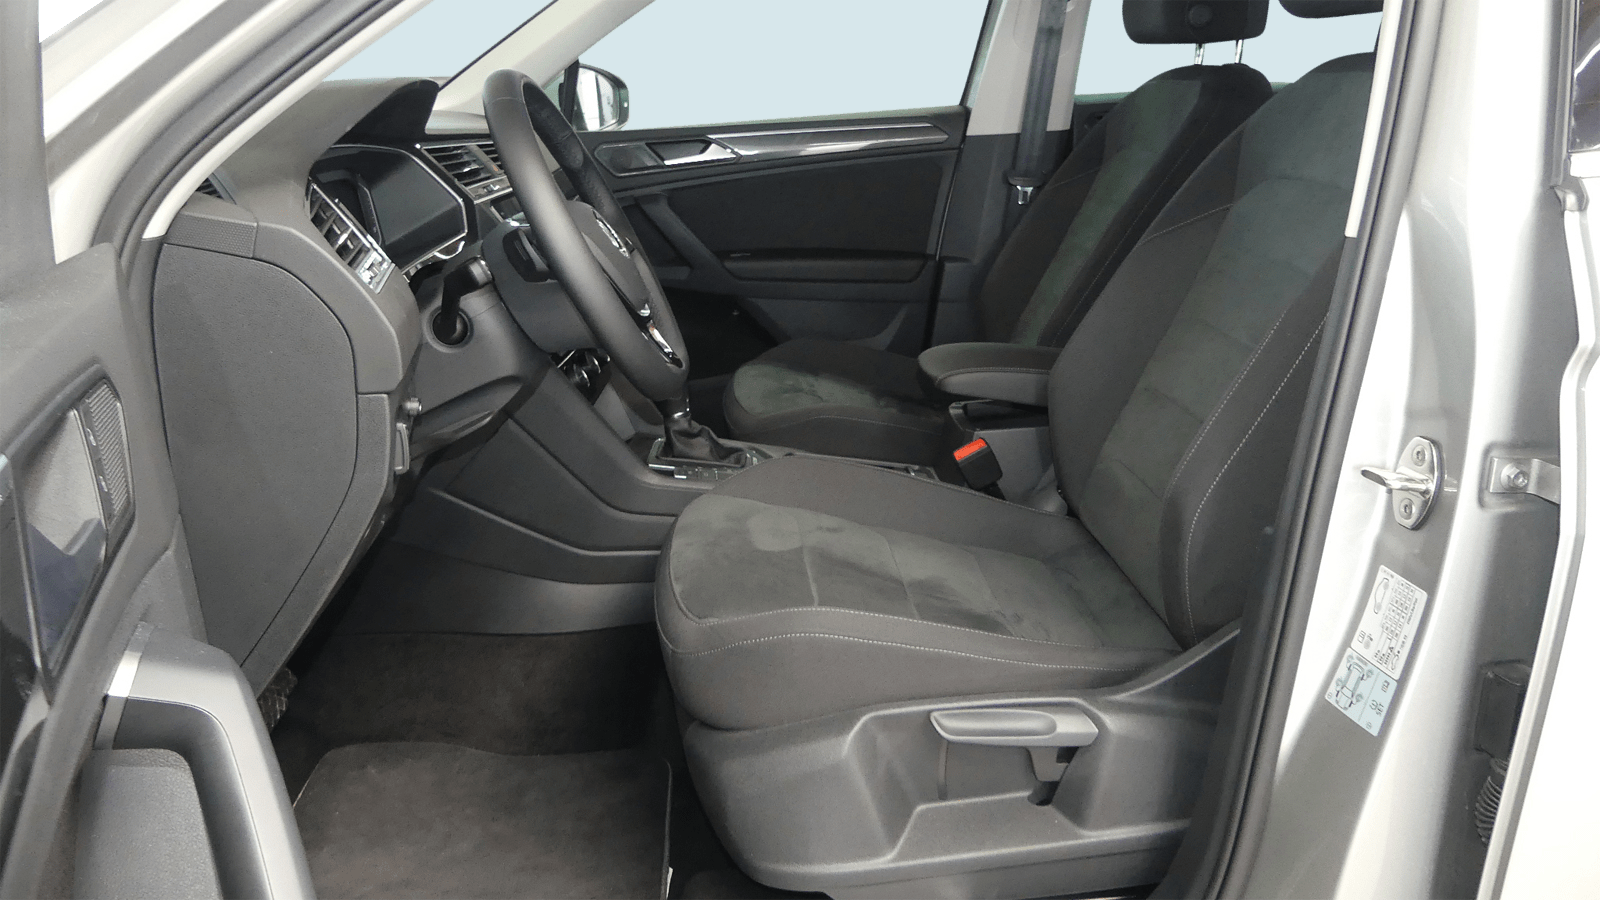 VW Tiguan Silver interior - Clyde car subscription